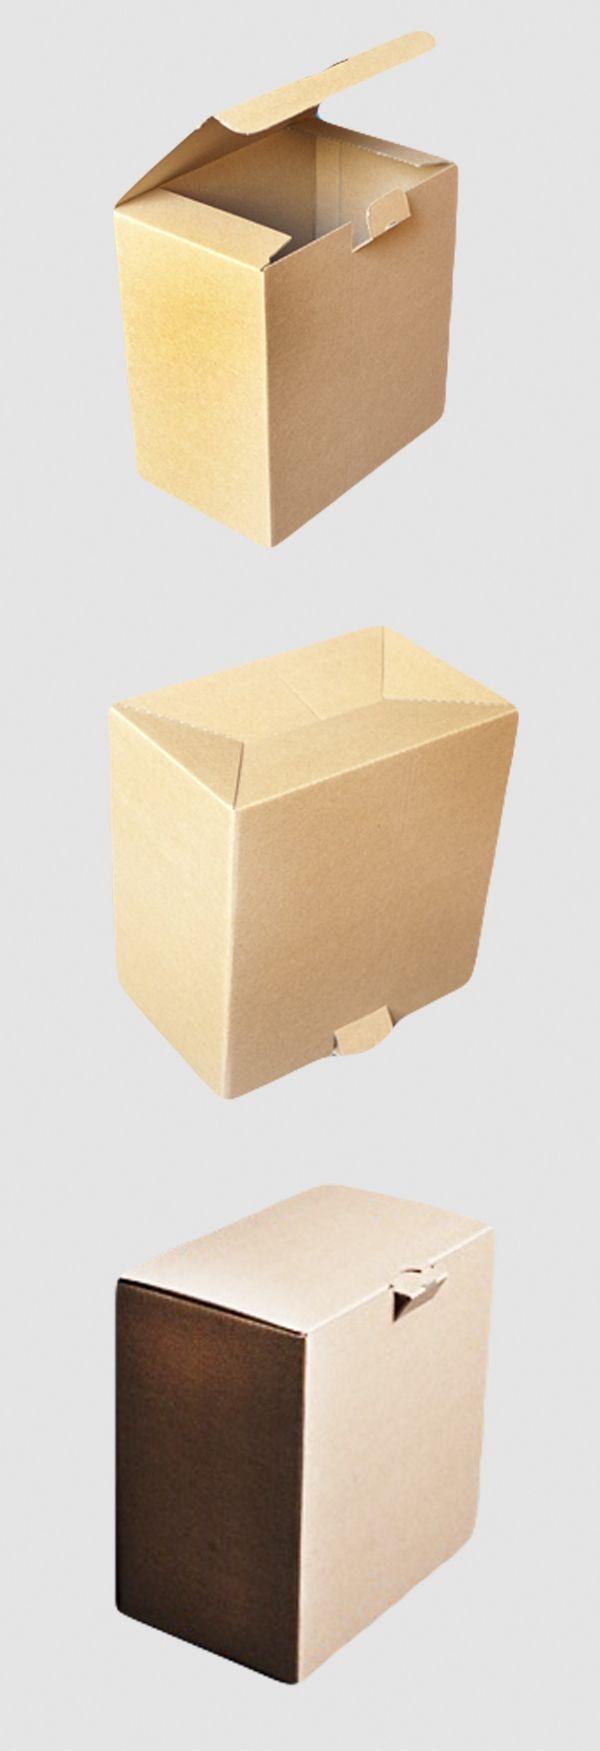 Die Zusammenfaltung von #Karton geht in nur 4 Schritten. Die Versandverpackungen werden flachliegend und ungefaltet angeliefert und sind schnell und leicht aufzurichten.  #Verpackungsmaterial #Versand #Faltkarton #Klappdeckelkarton #Versandschachtel